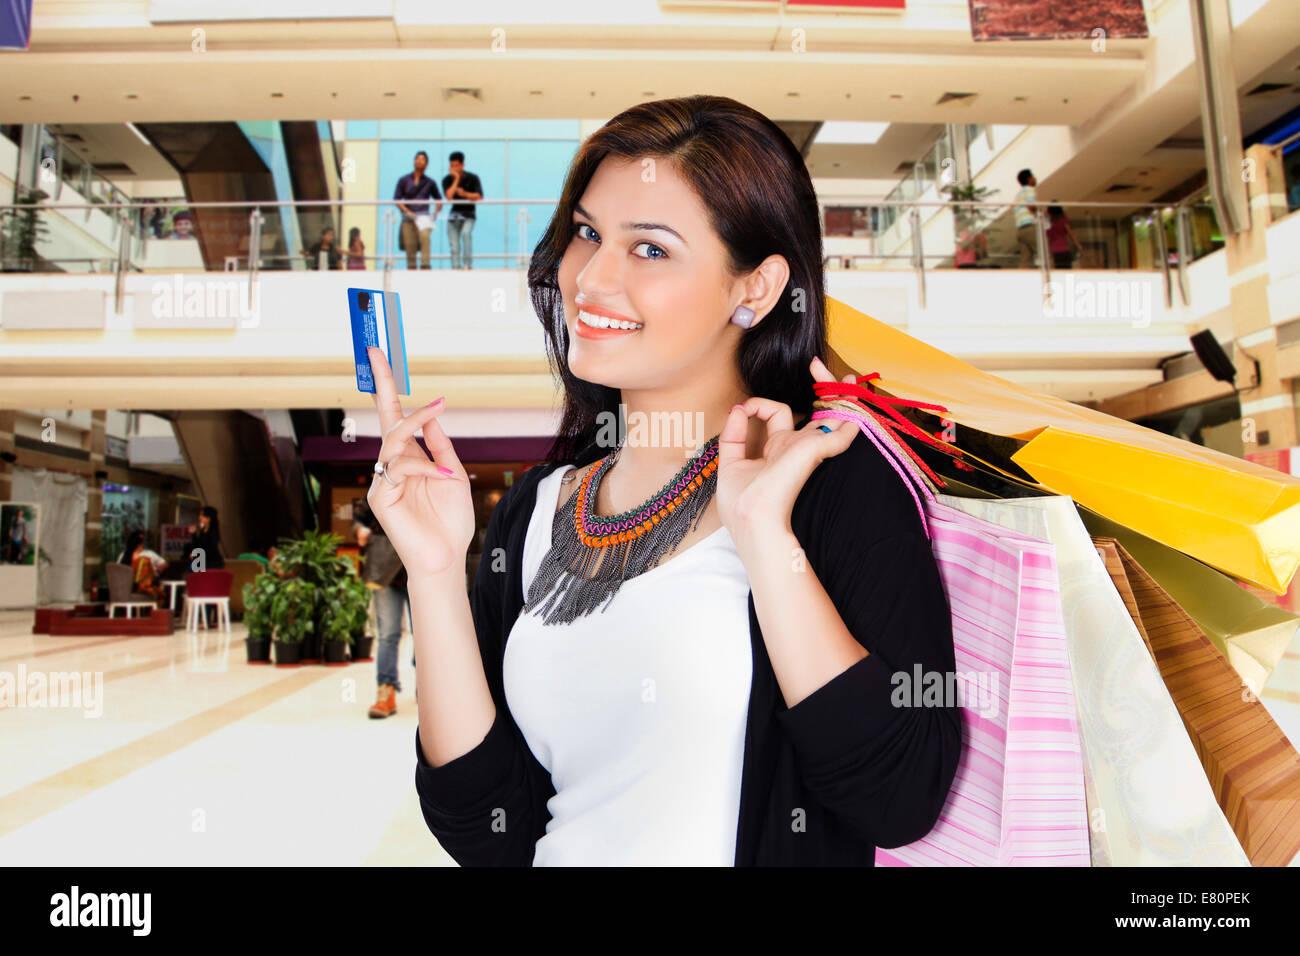 04eb877a5d indische schöne Damen Shopping Mall mit Kreditkarte Stockfoto, Bild ...